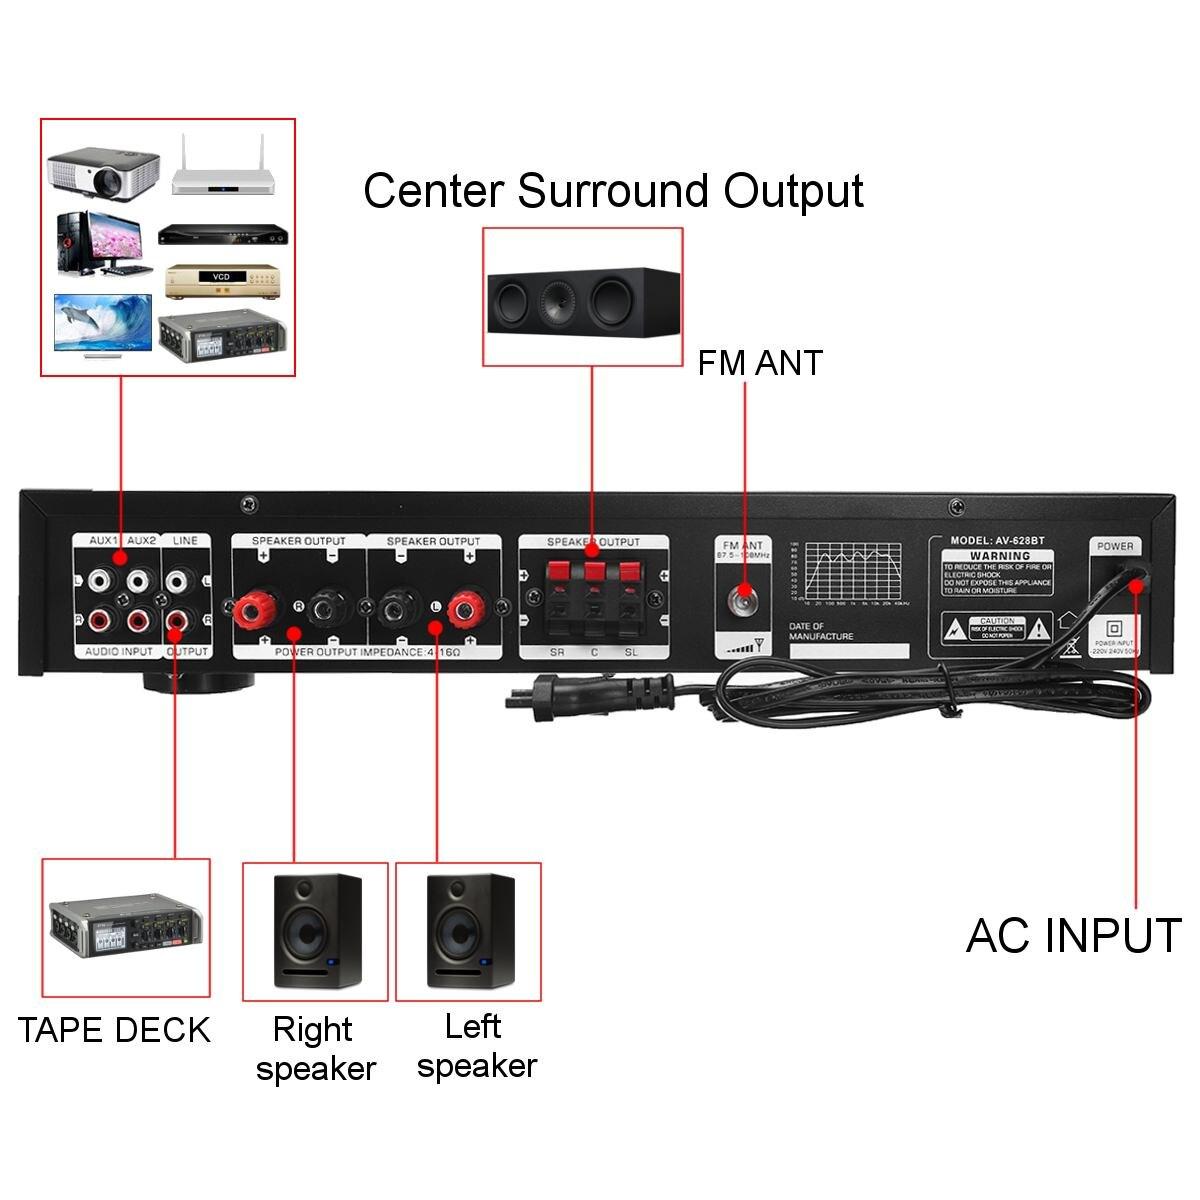 усилитель мощности sunbuck av-628bt, количество каналов: 5 (4.1), bluetooth